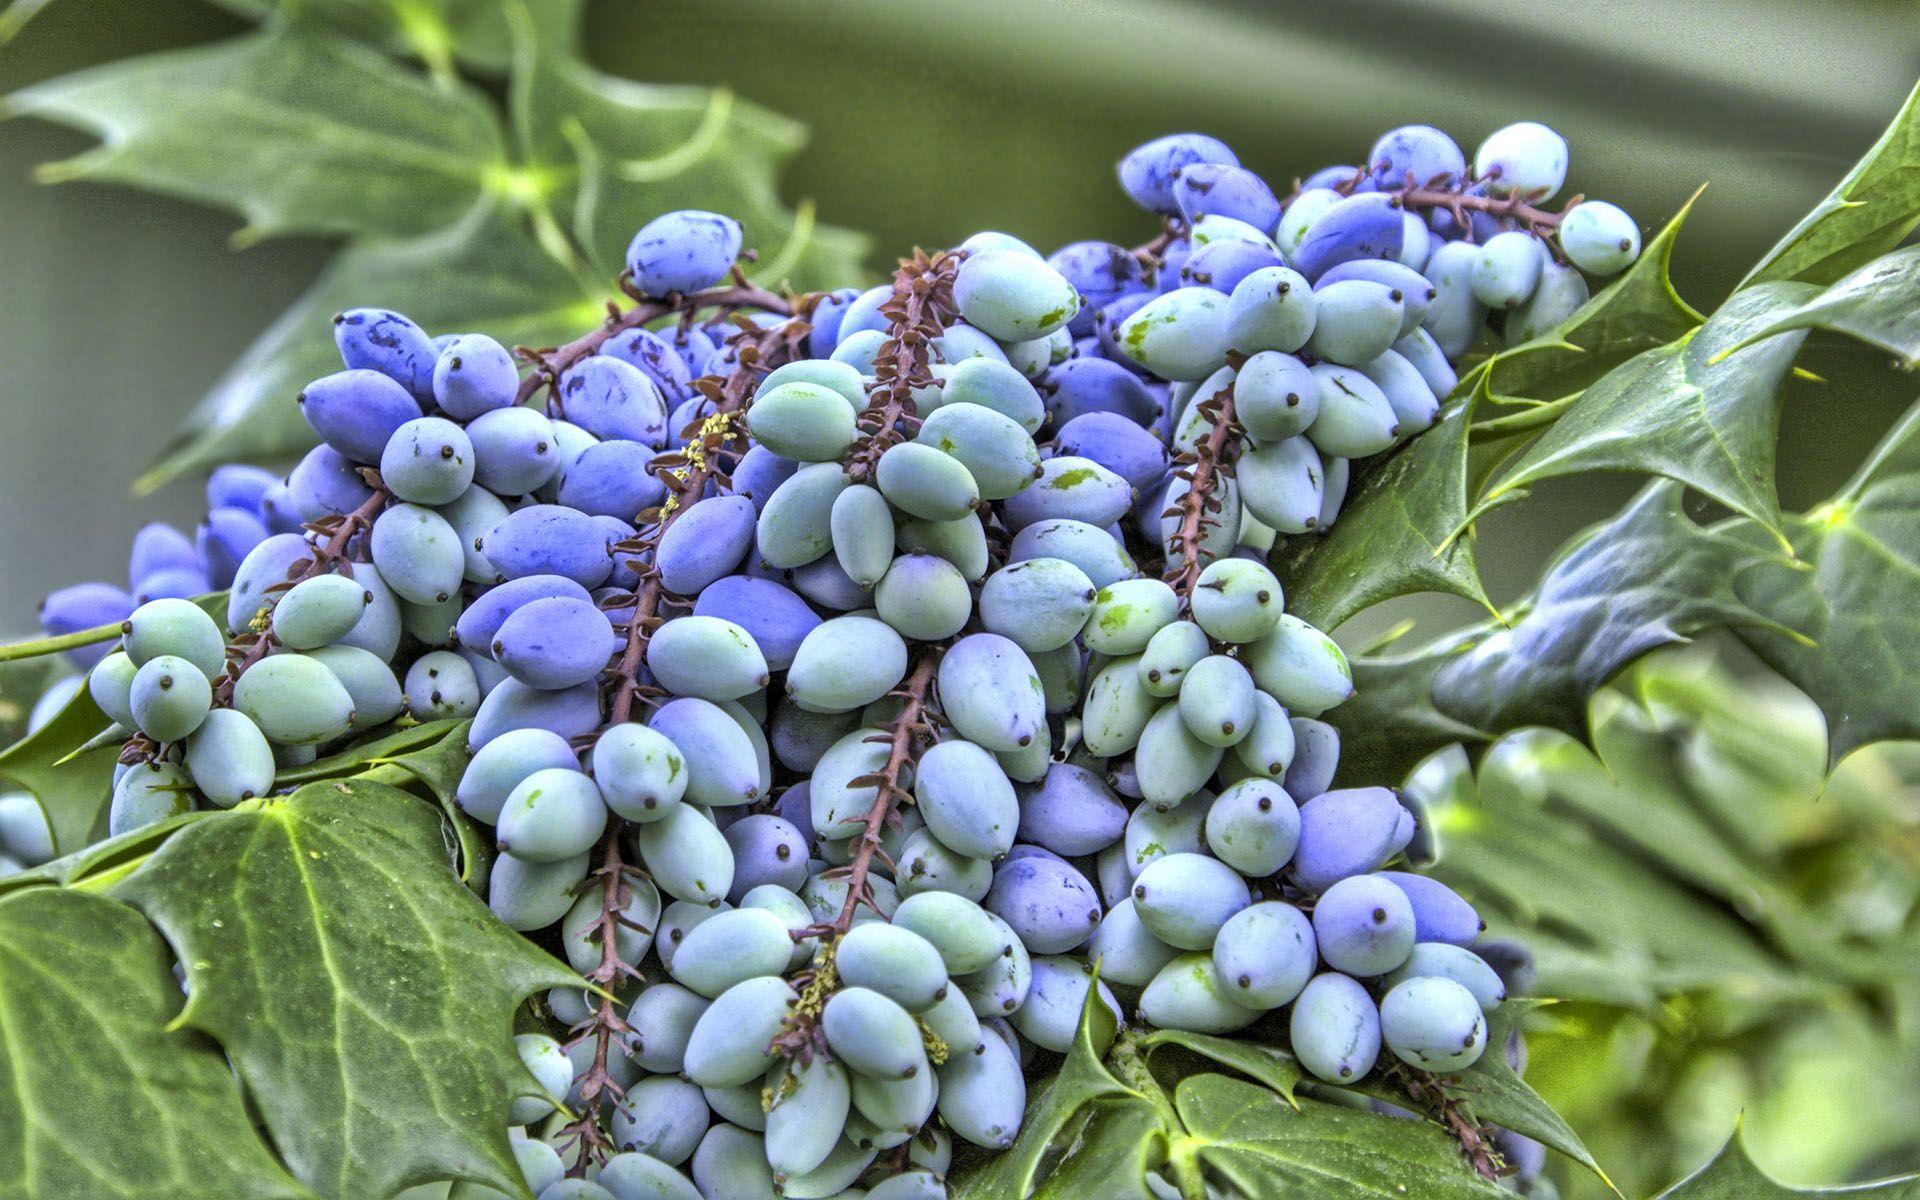 Плоды 1920x1200 341KB Растения